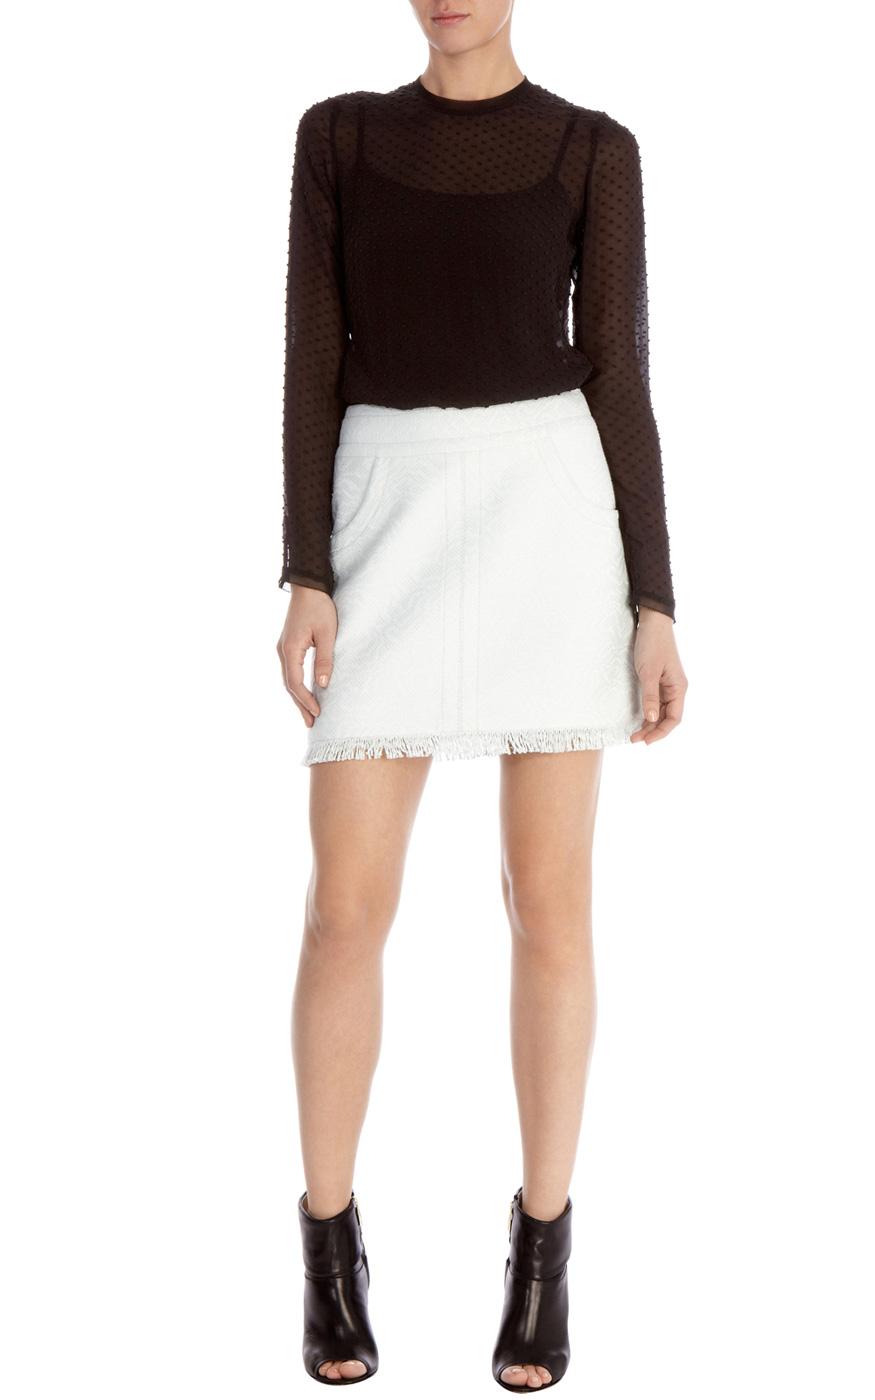 Sale Röcke | Grün Kollektion aus sommerlichem Tweed | Damenmode | Karen Millen